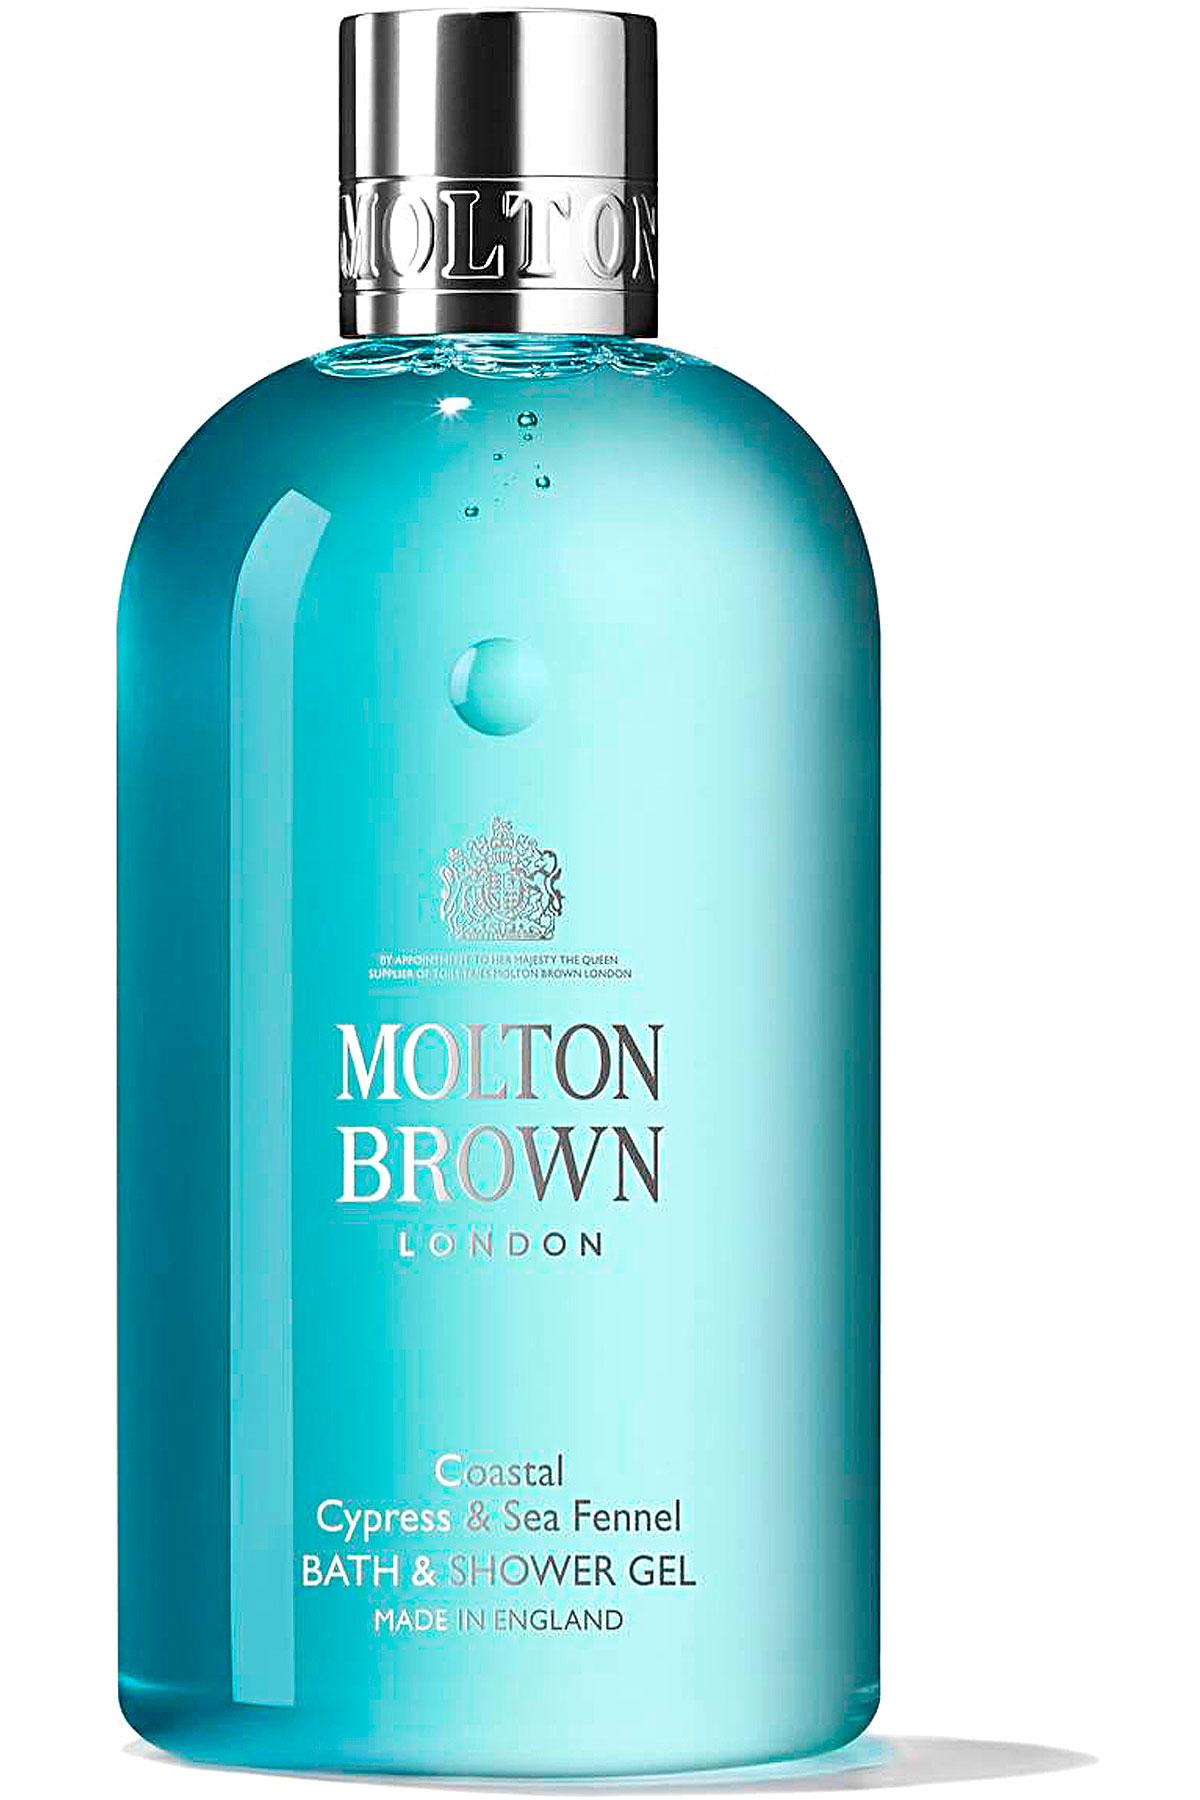 Molton Brown Beauty for Men, Coastal Cypress & Sea Fennel - Bath & Shower Gel - 300 Ml, 2019, 300 ml